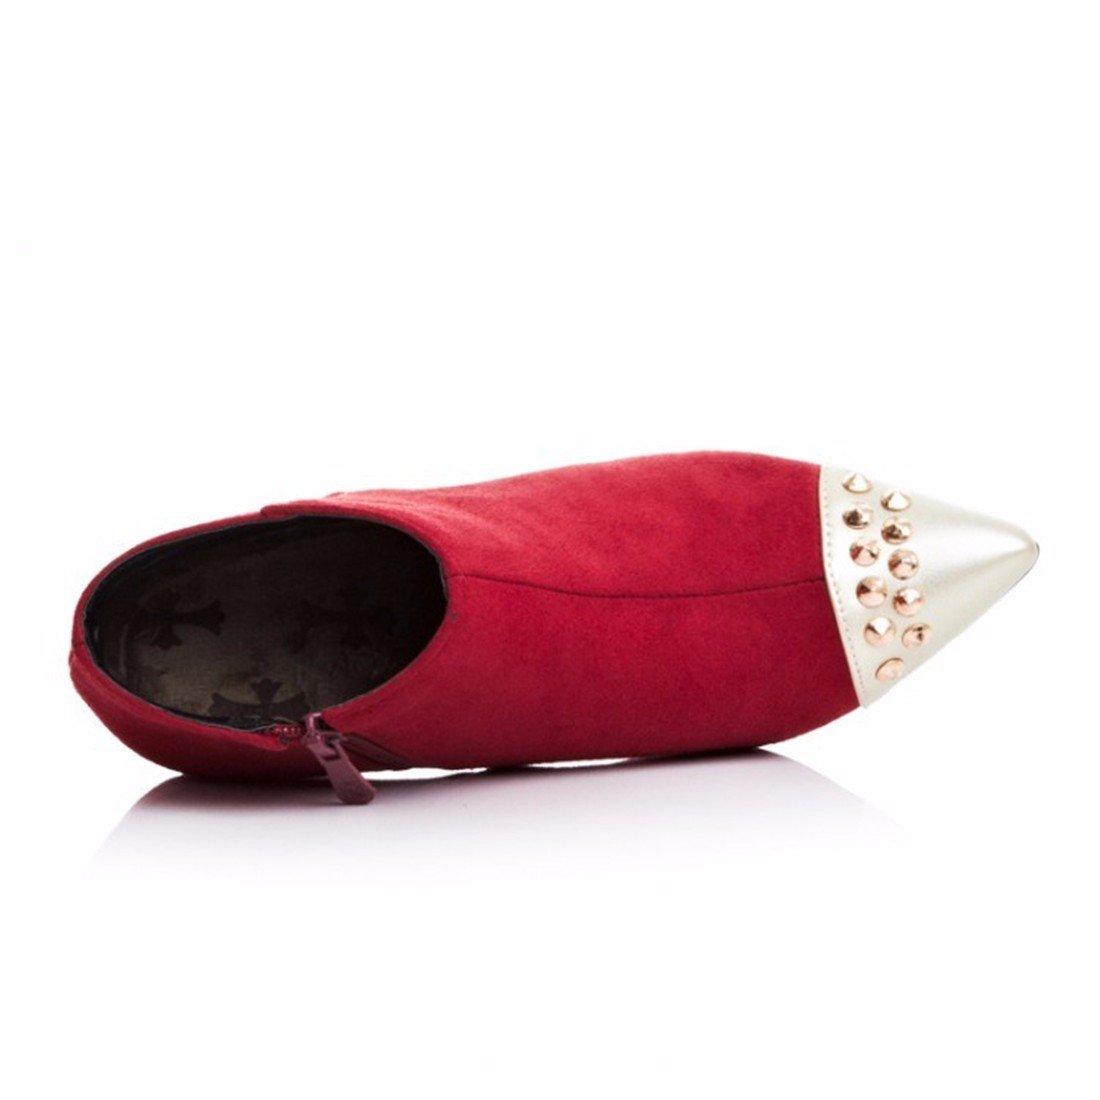 RFF-Damens's Schuhes Herbst und Größe Winter Stiefel mit Einem feinen Größe und und hohe hingewiesen - Hochhackige Stiefel ROT (Terry) 09bb82